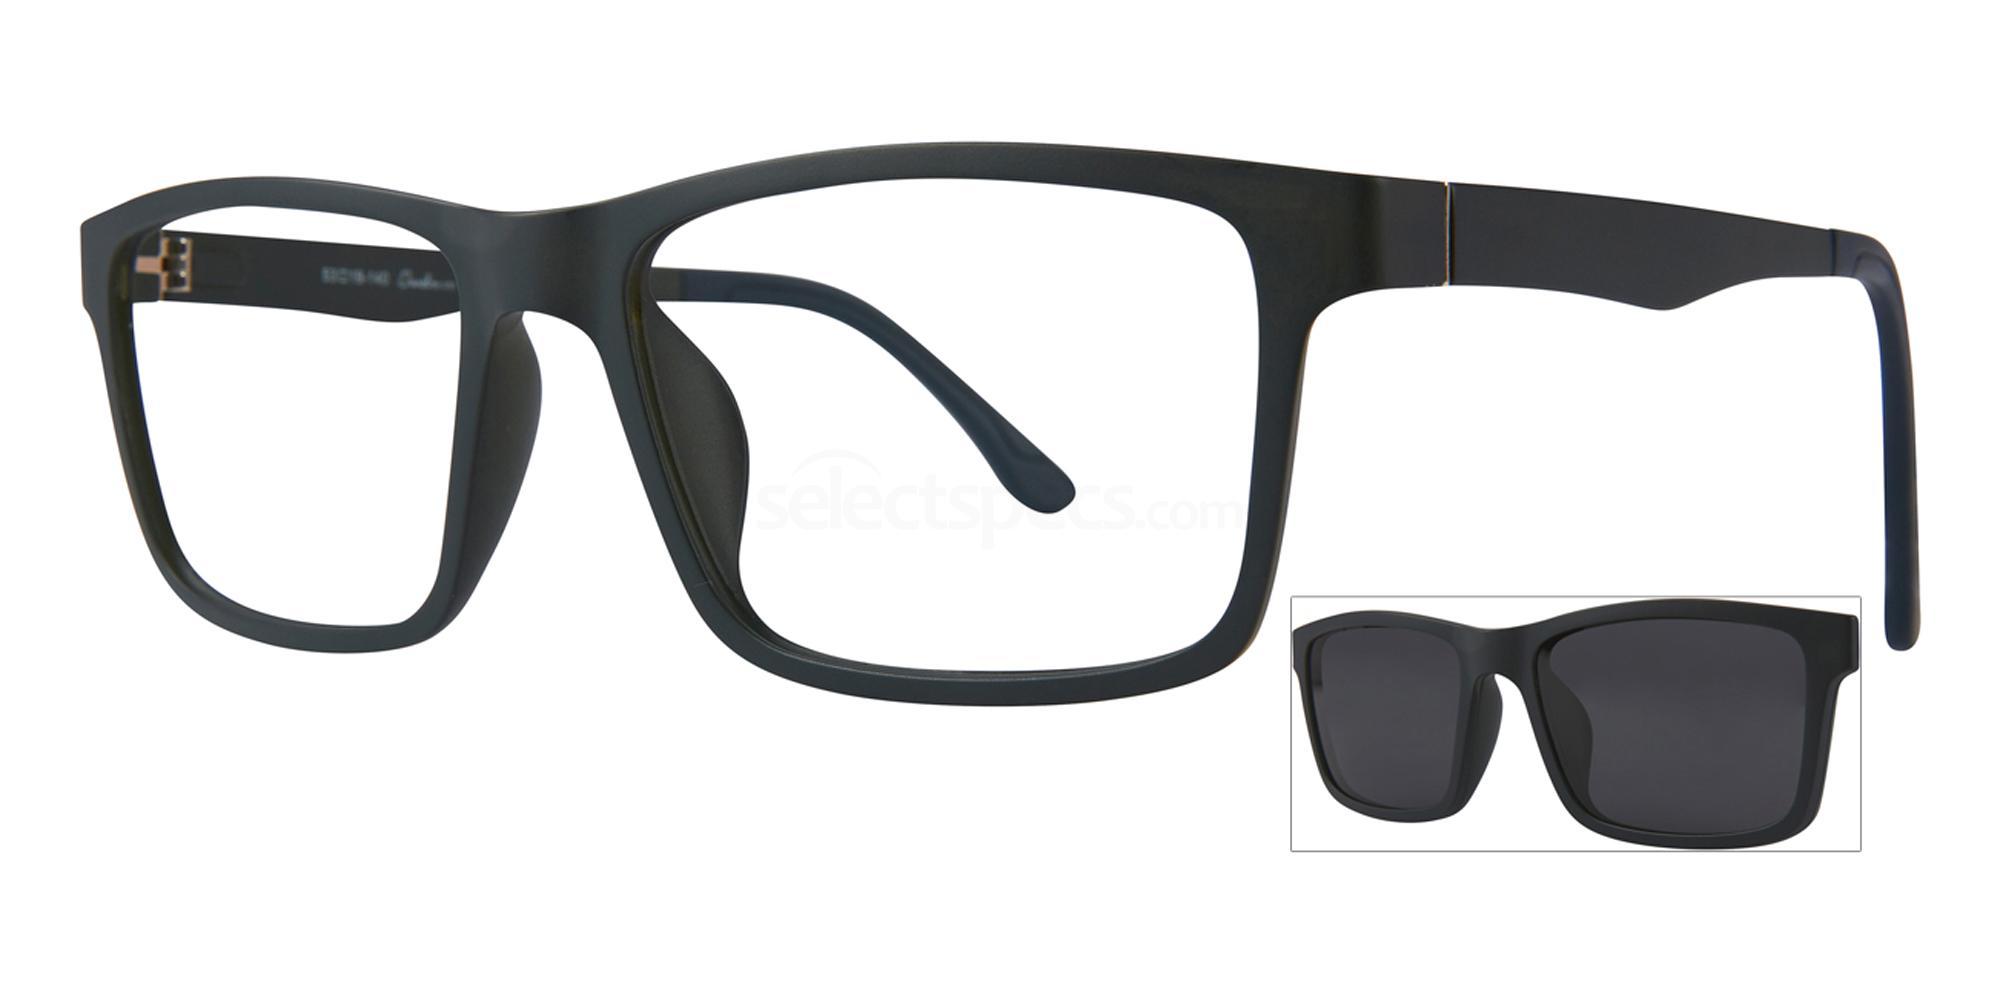 C1 403 with Polarised Clip On Glasses, RETRO